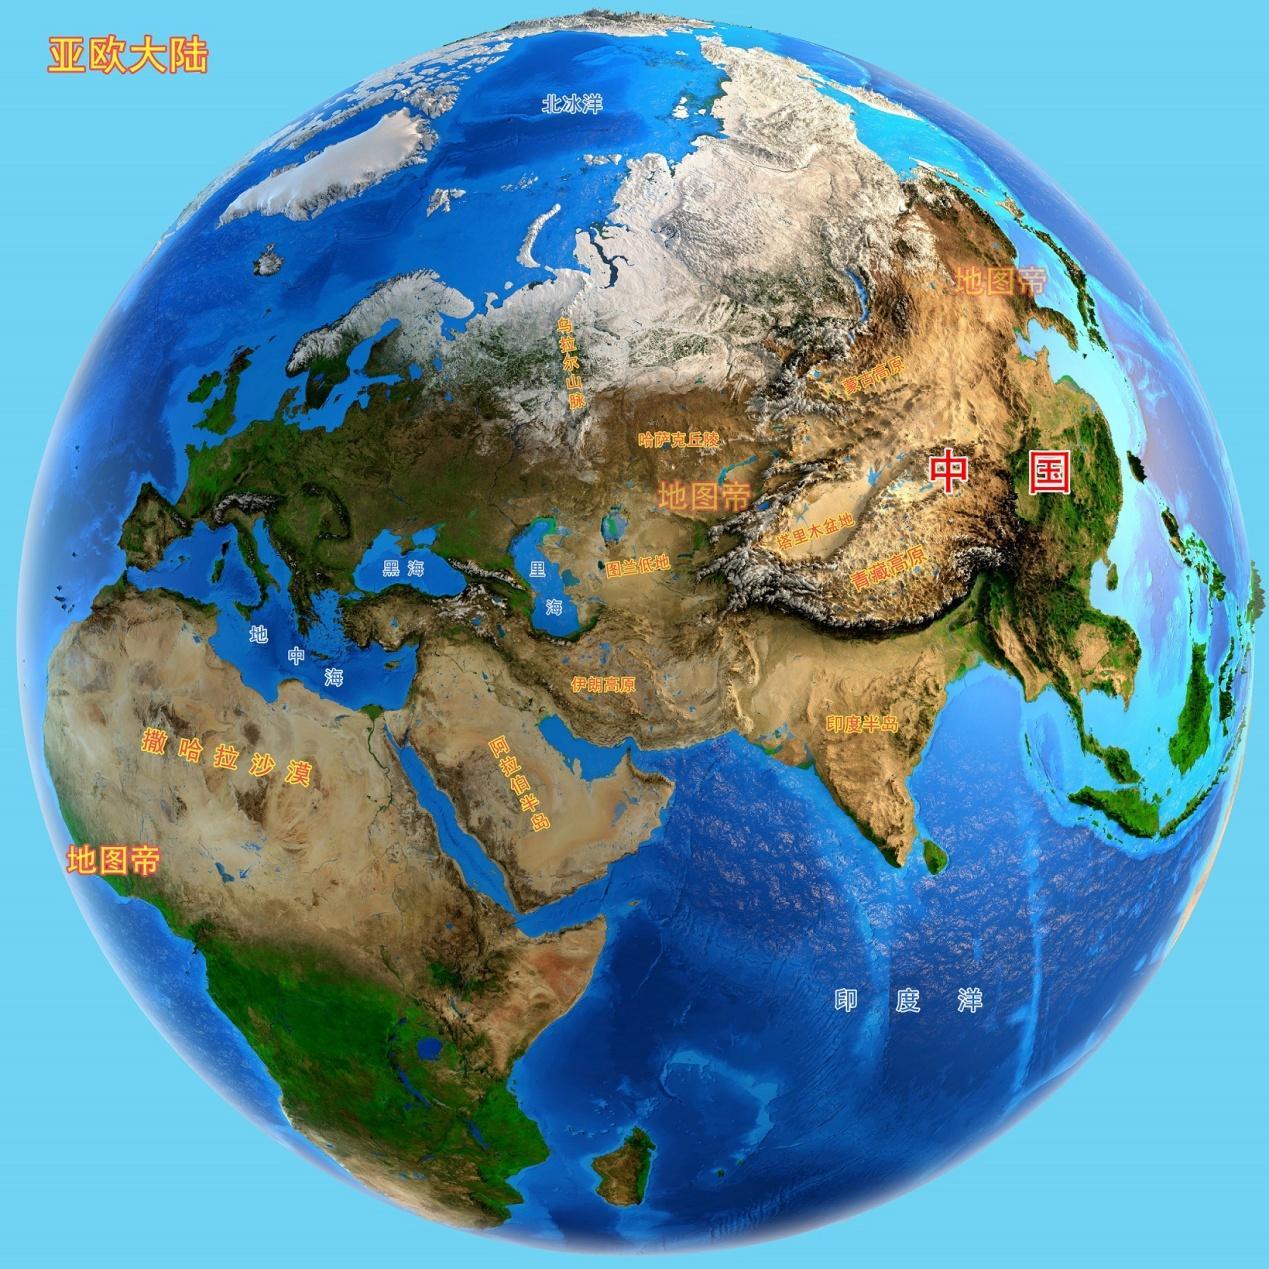 唐朝时为何国内有那么多的外国人,他们来自哪里?